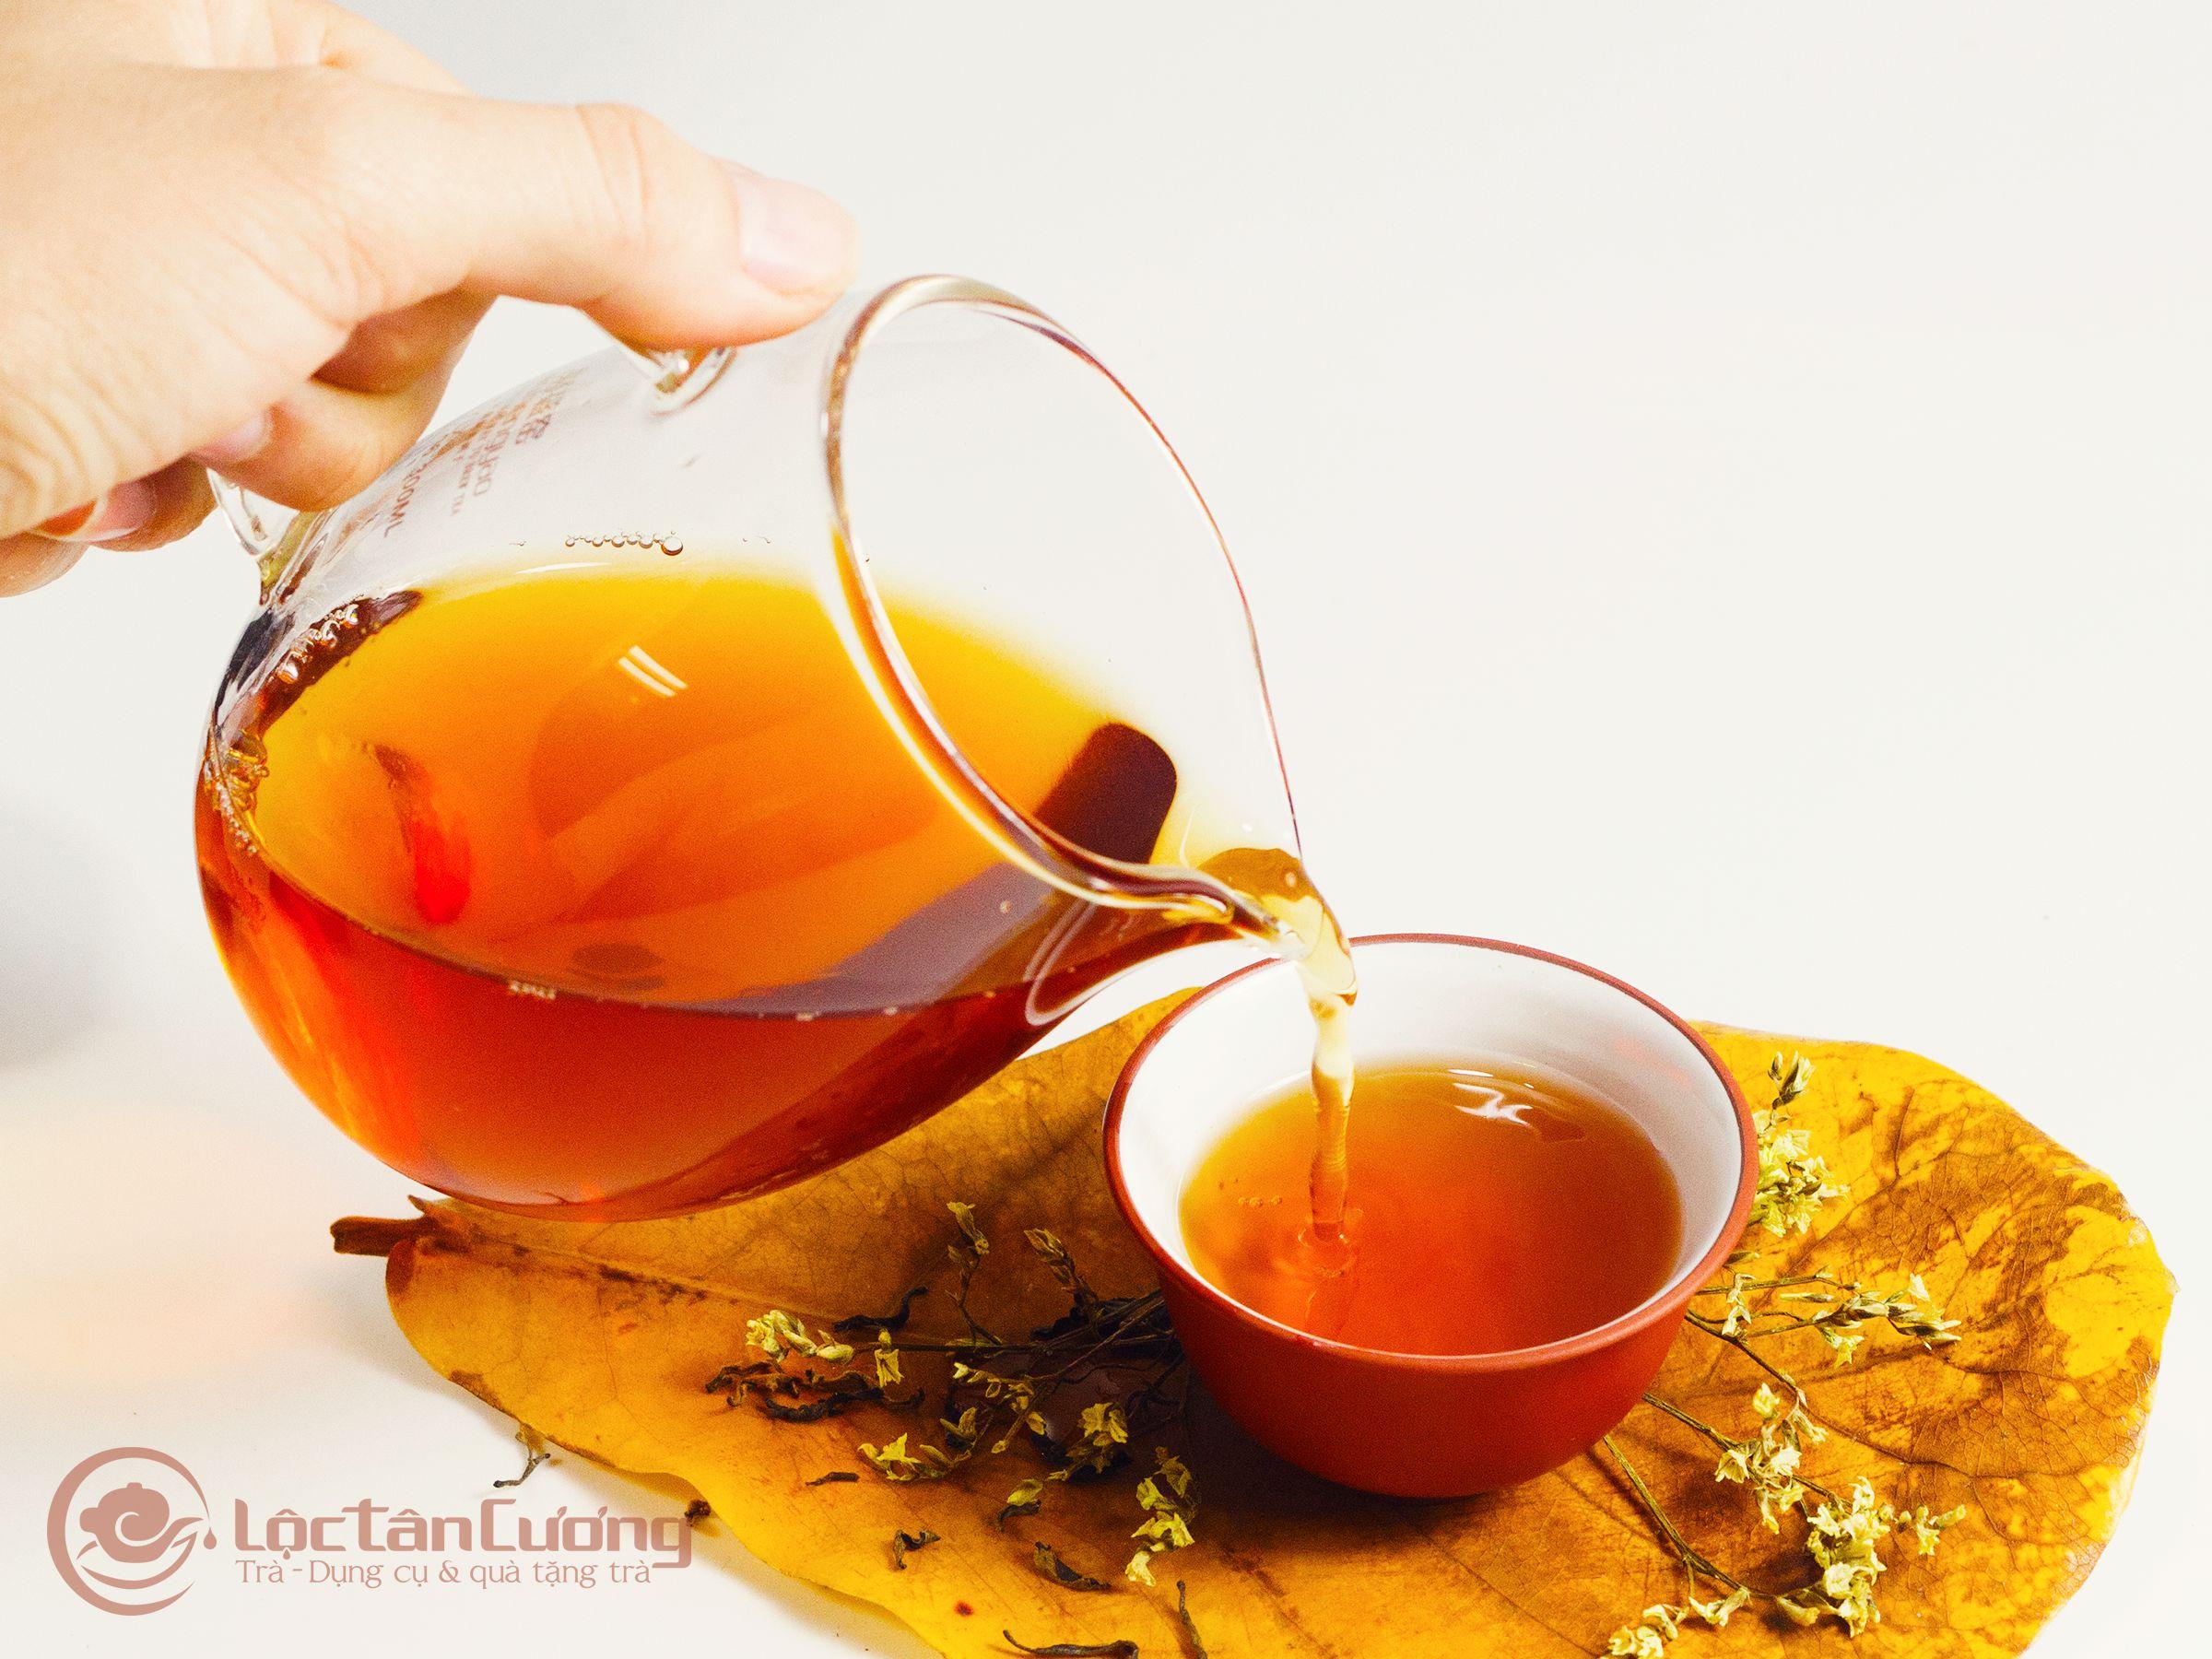 Hồng Shan Trà Hà Giang sau khi pha sẽ dậy lên hương thơm của sự hòa quyện giữa mật ong rừng và trái cây rất tự nhiên, thanh mát. Vị trà không chát, găt. vị chát gần như mất hết mà chỉ đọng lại hậu vị ngọt rất lâu trong cổ họng.